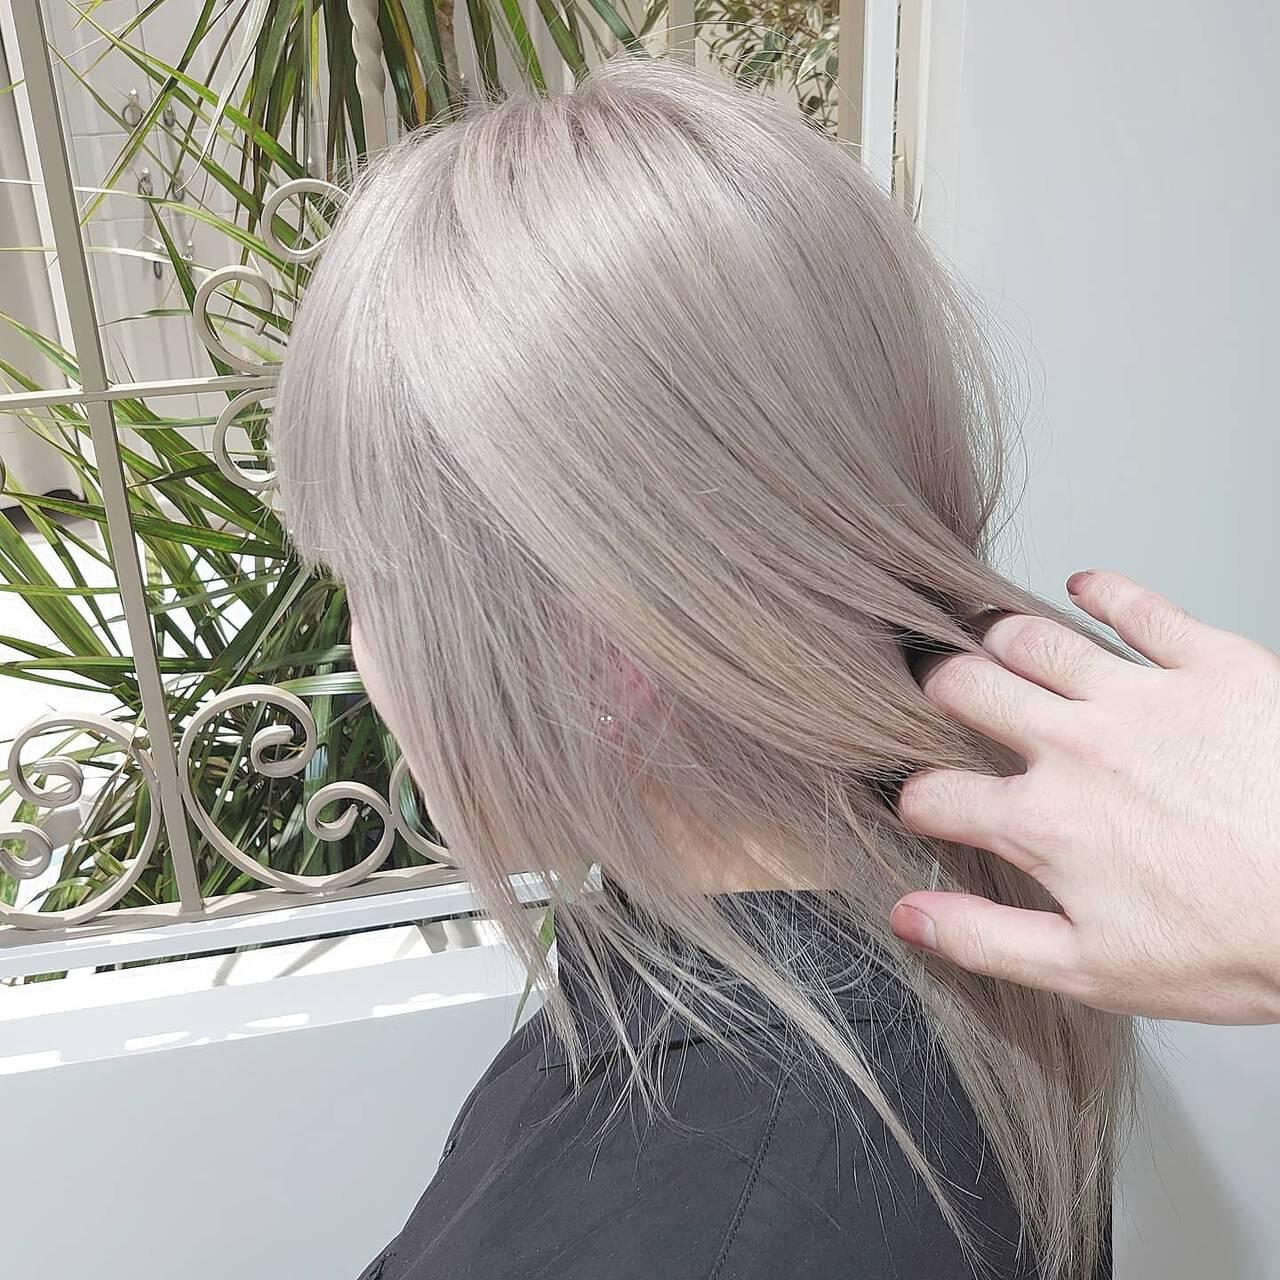 セミロング ホワイトカラー ホワイトアッシュ ホワイトヘアスタイルや髪型の写真・画像